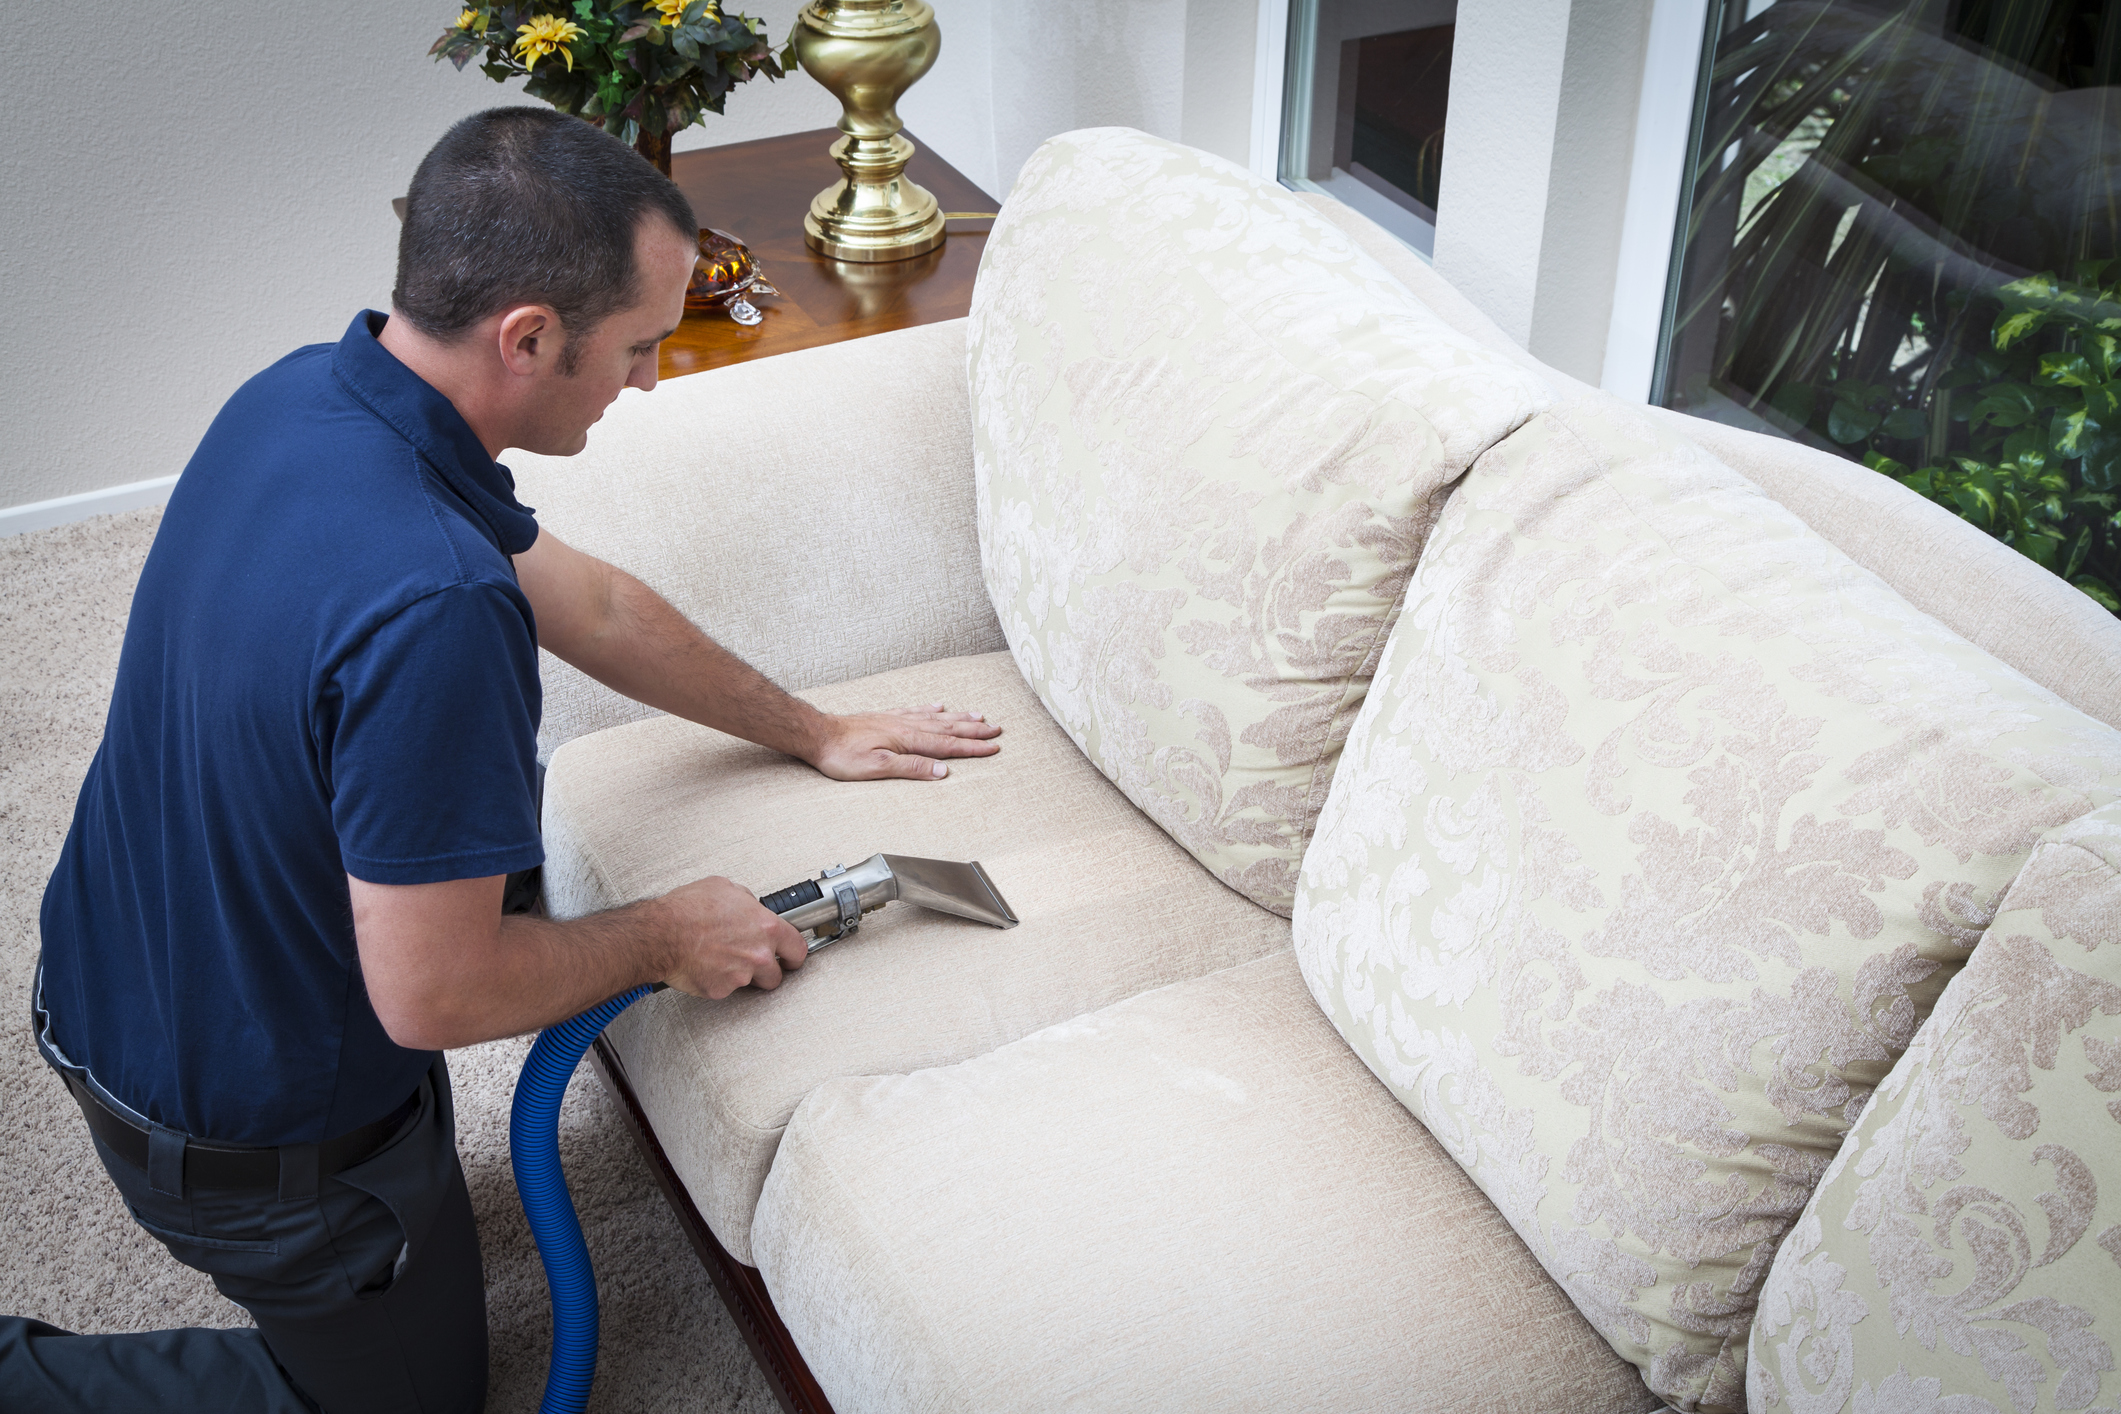 تمیز کردن و شستن انواع مختلف مبل رنگ روشن در منزل خانه